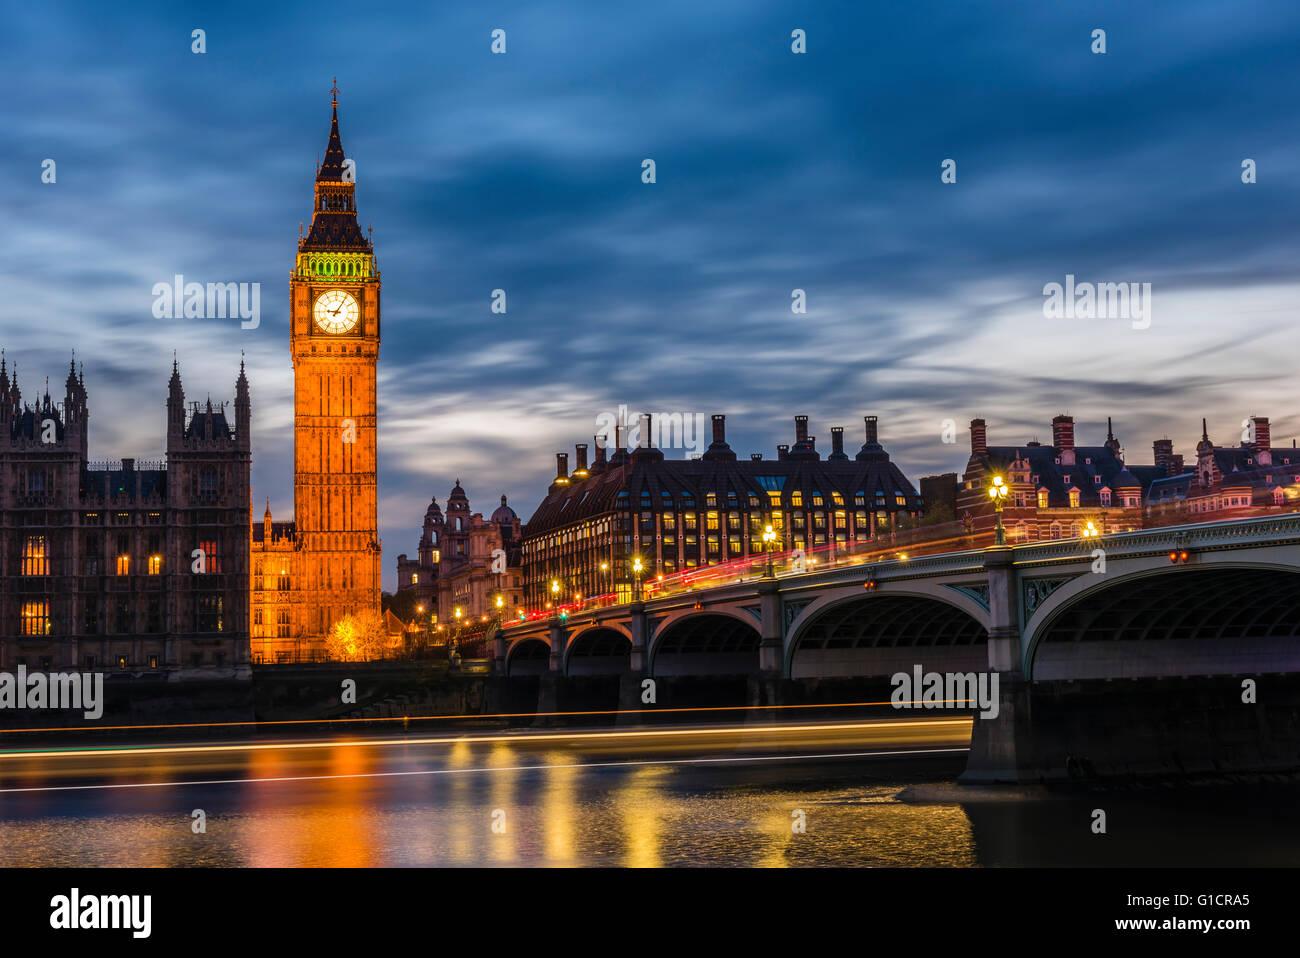 Langzeitbelichtung in der Abenddämmerung von Bussen auf Westminster Bridge und Boote auf der Themse, London, UK. Stockfoto